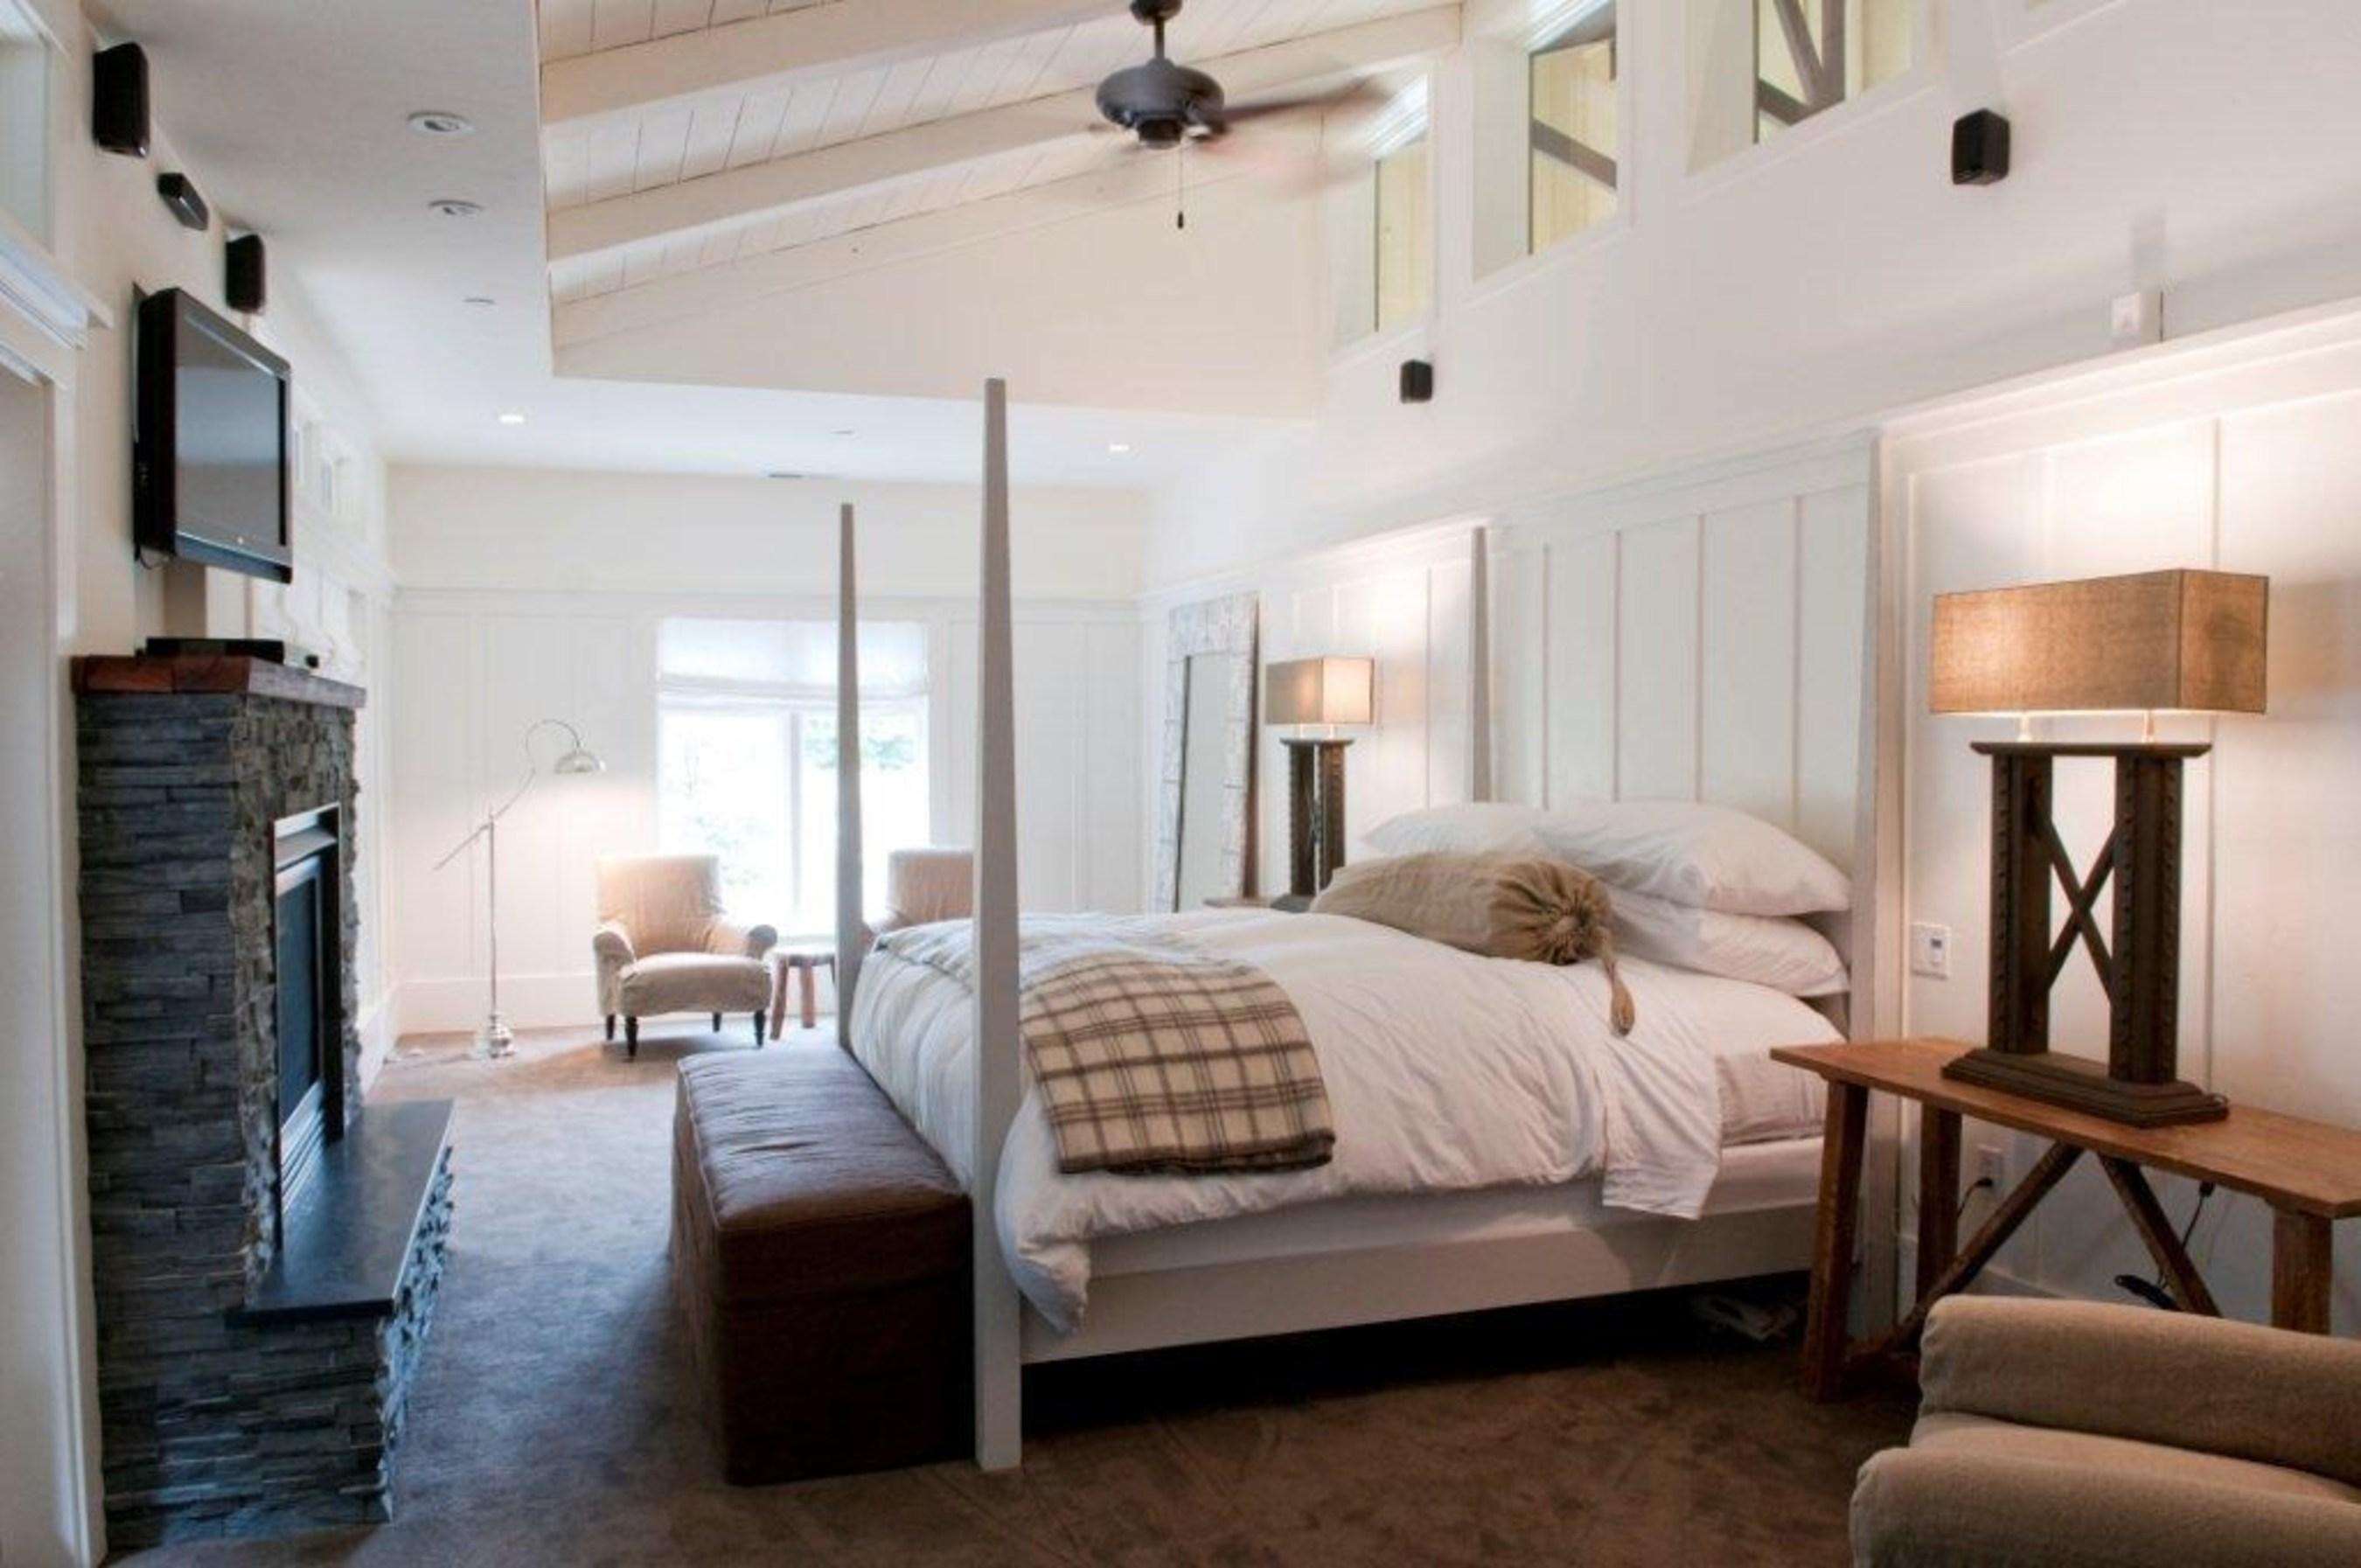 Farmhouse Inn King Deluxe room (PRNewsFoto/Farmhouse Inn)